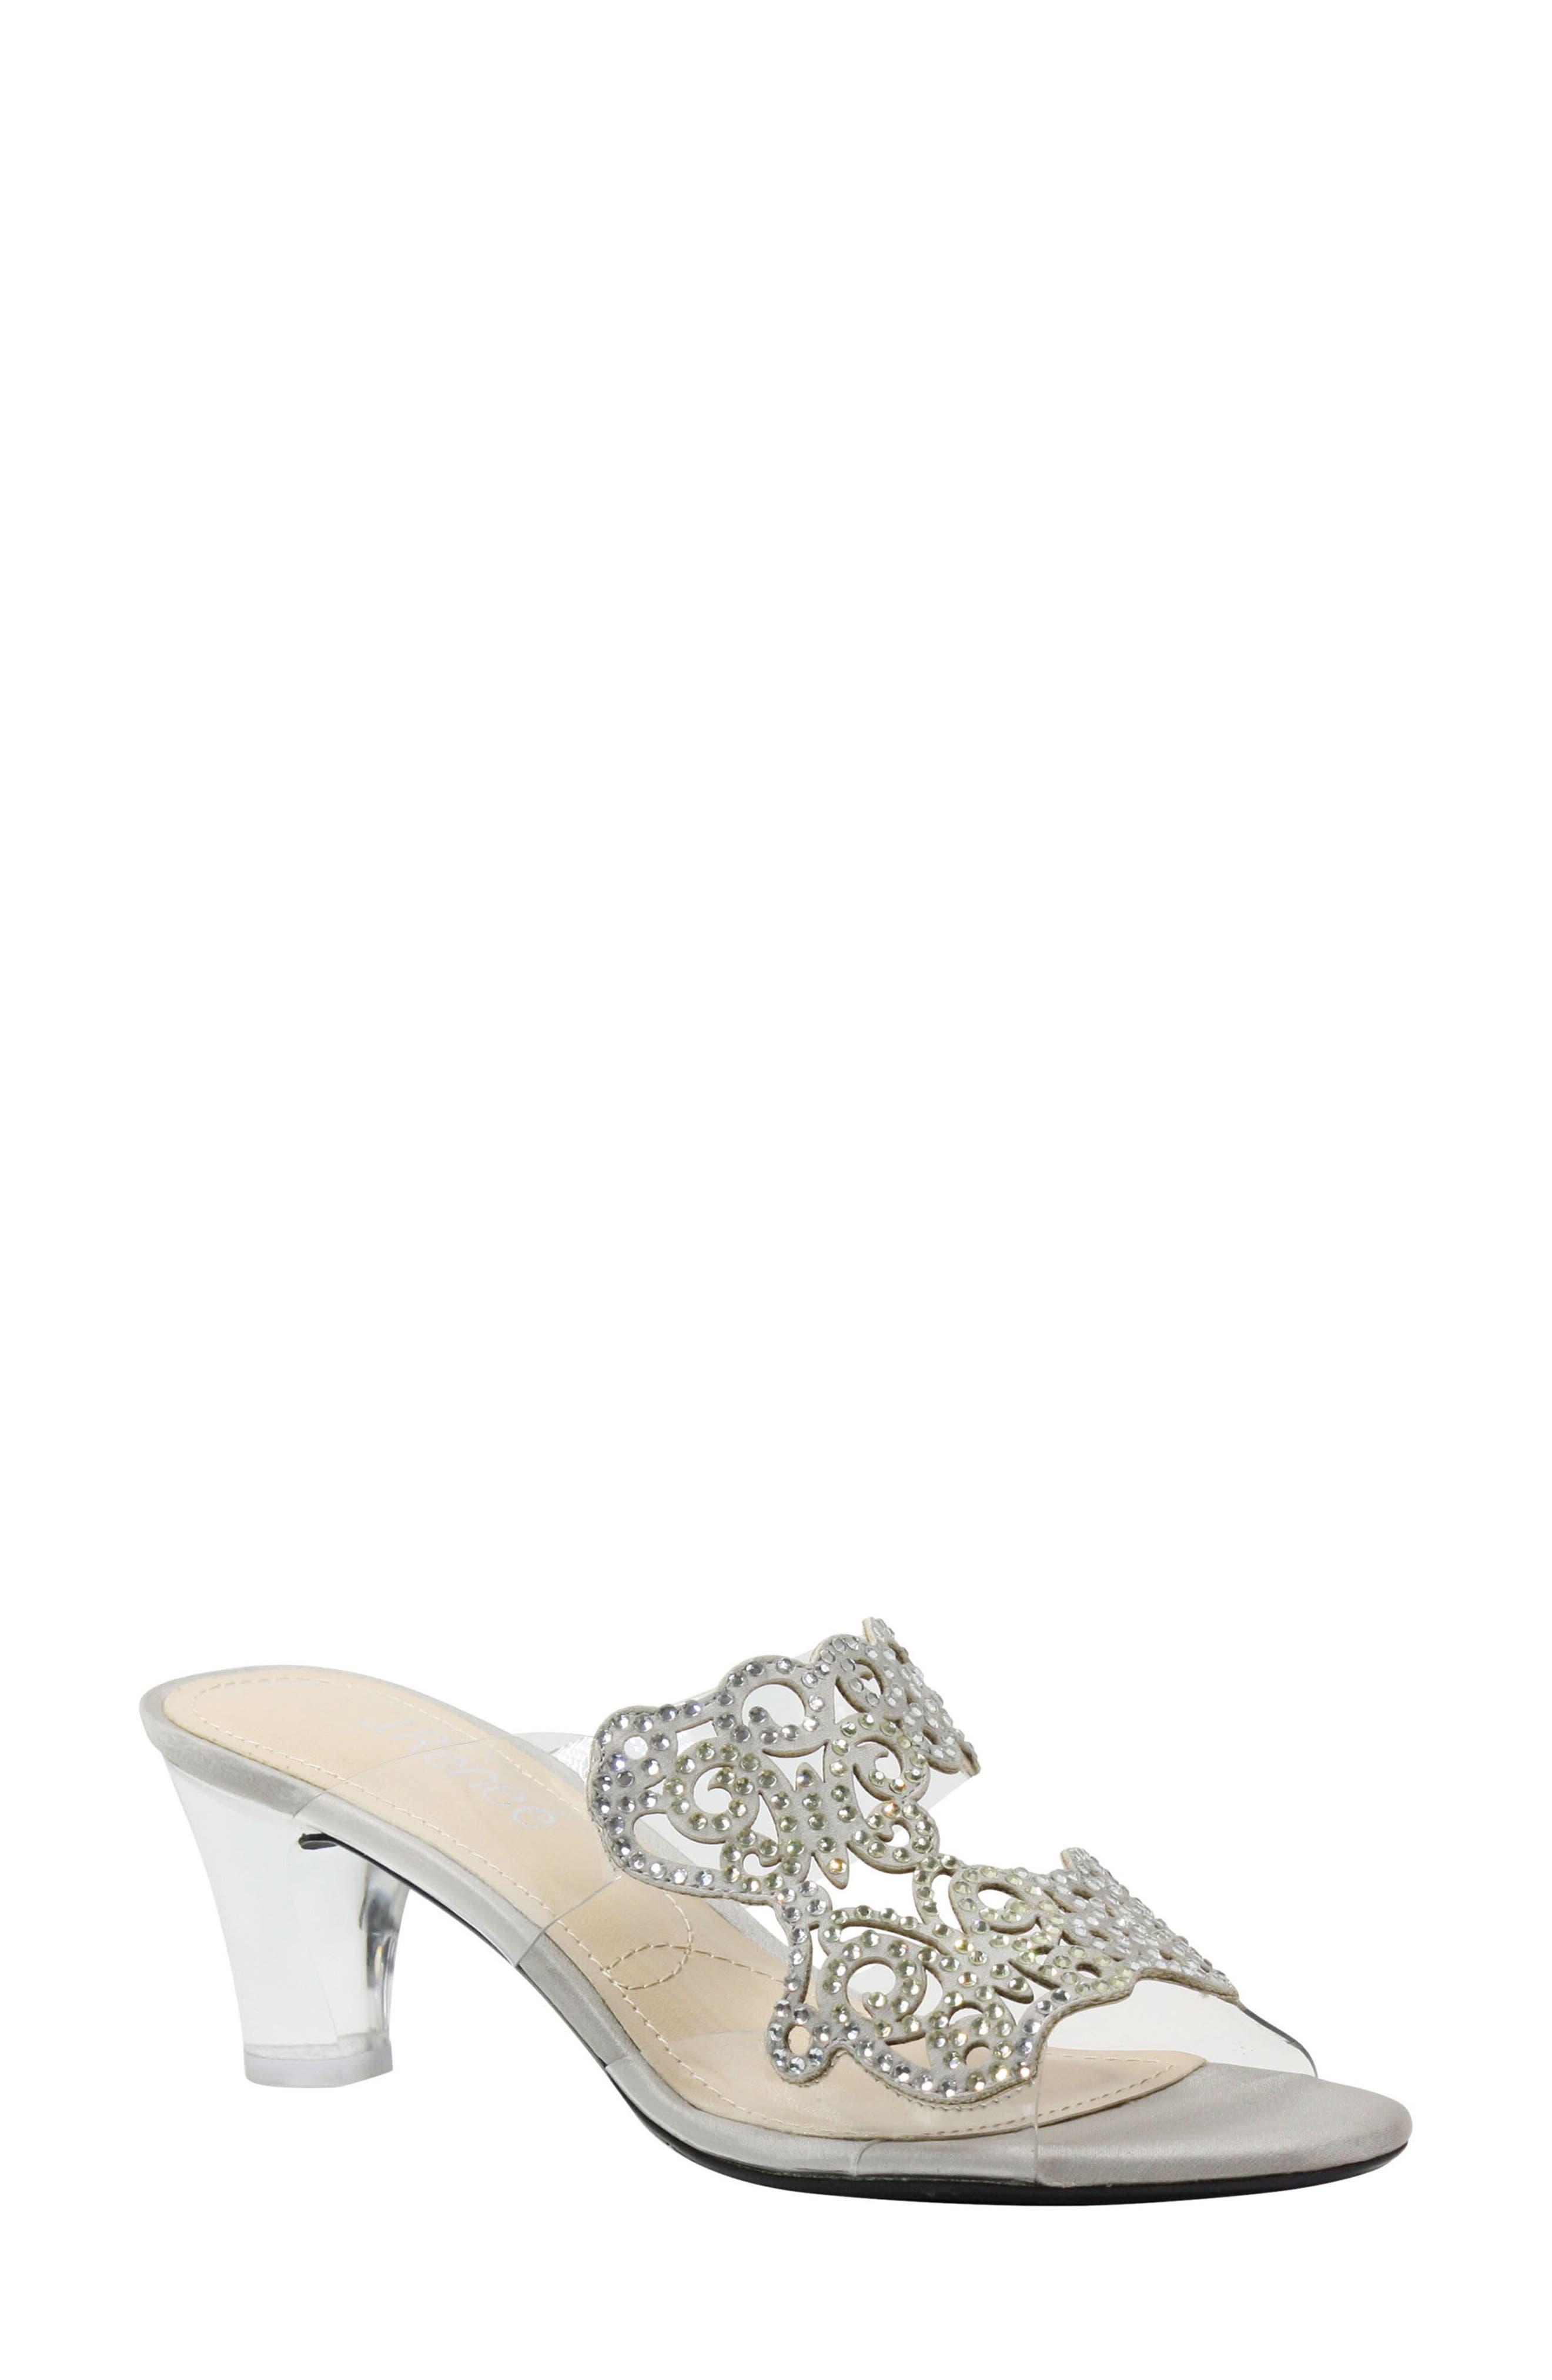 Sabreen Crystal Embellished Sandal,                         Main,                         color, SILVER/ CLEAR